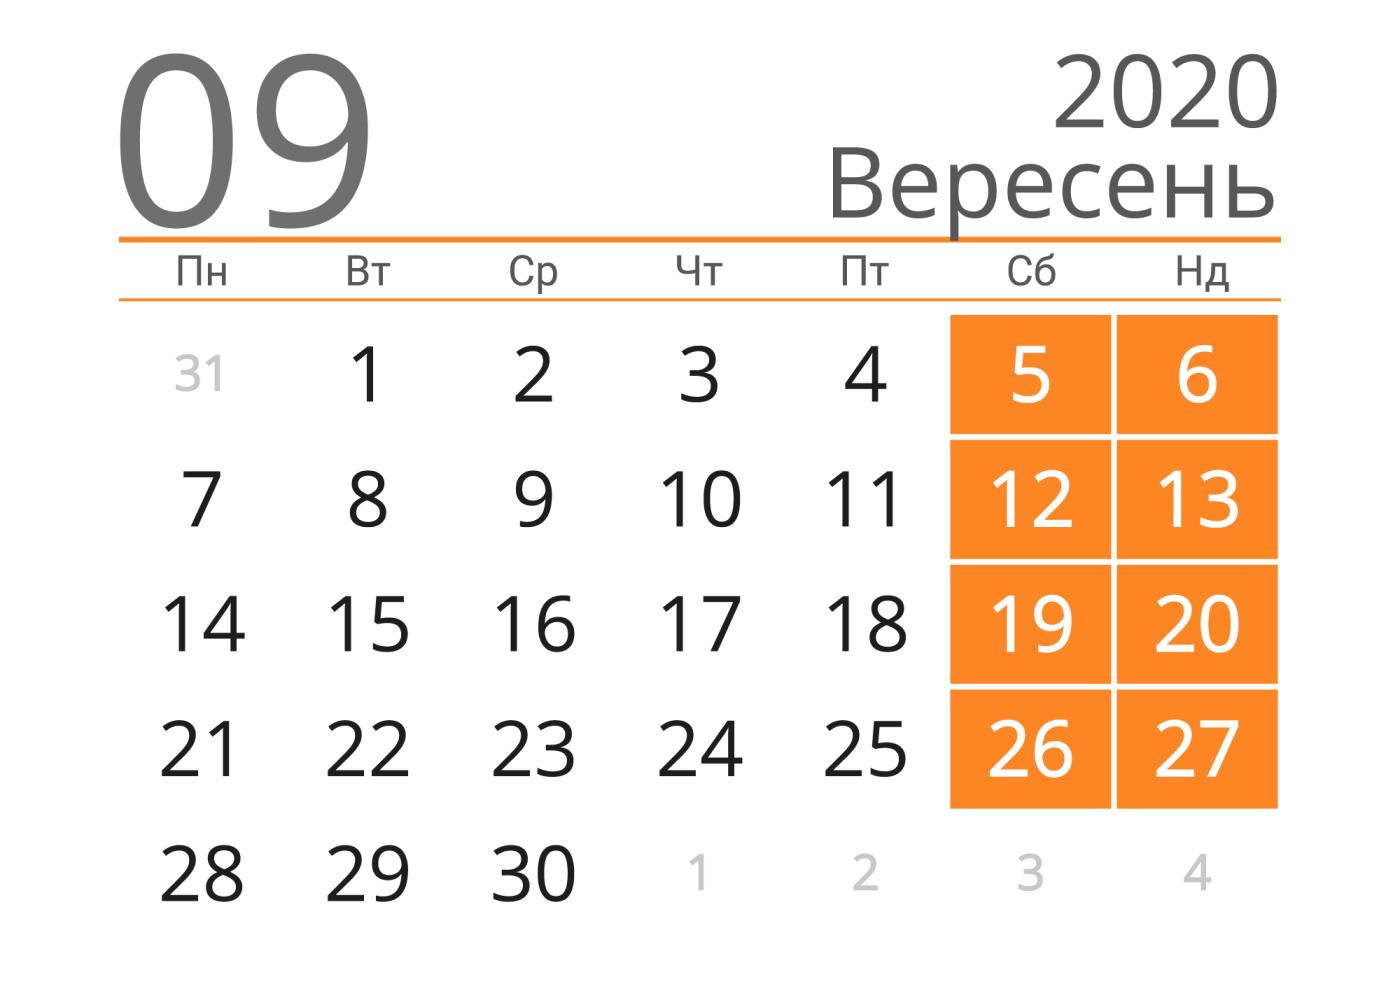 Выходные в сентябре 2020: когда и сколько будут отдыхать киевляне, фото-1